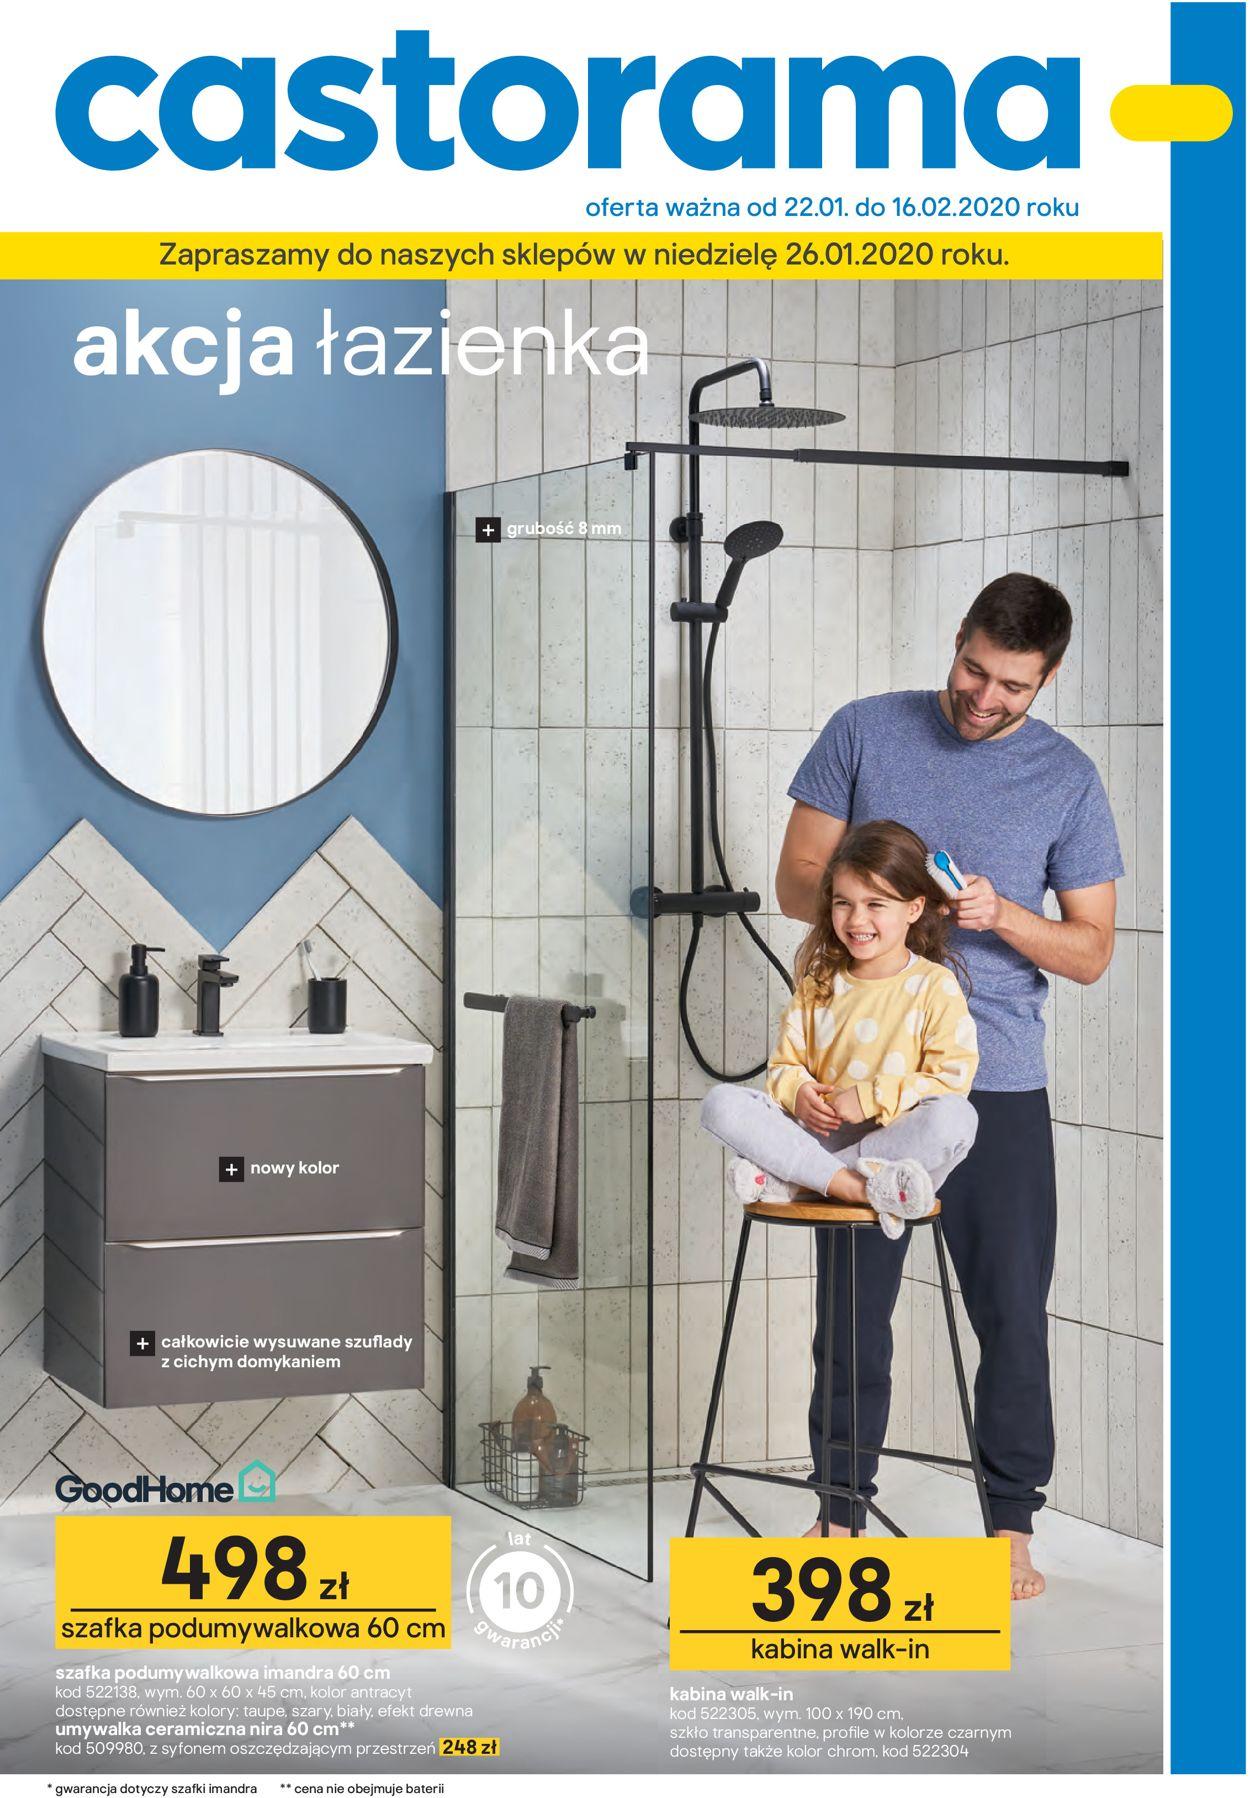 Gazetka promocyjna Castorama - 22.01-16.02.2020